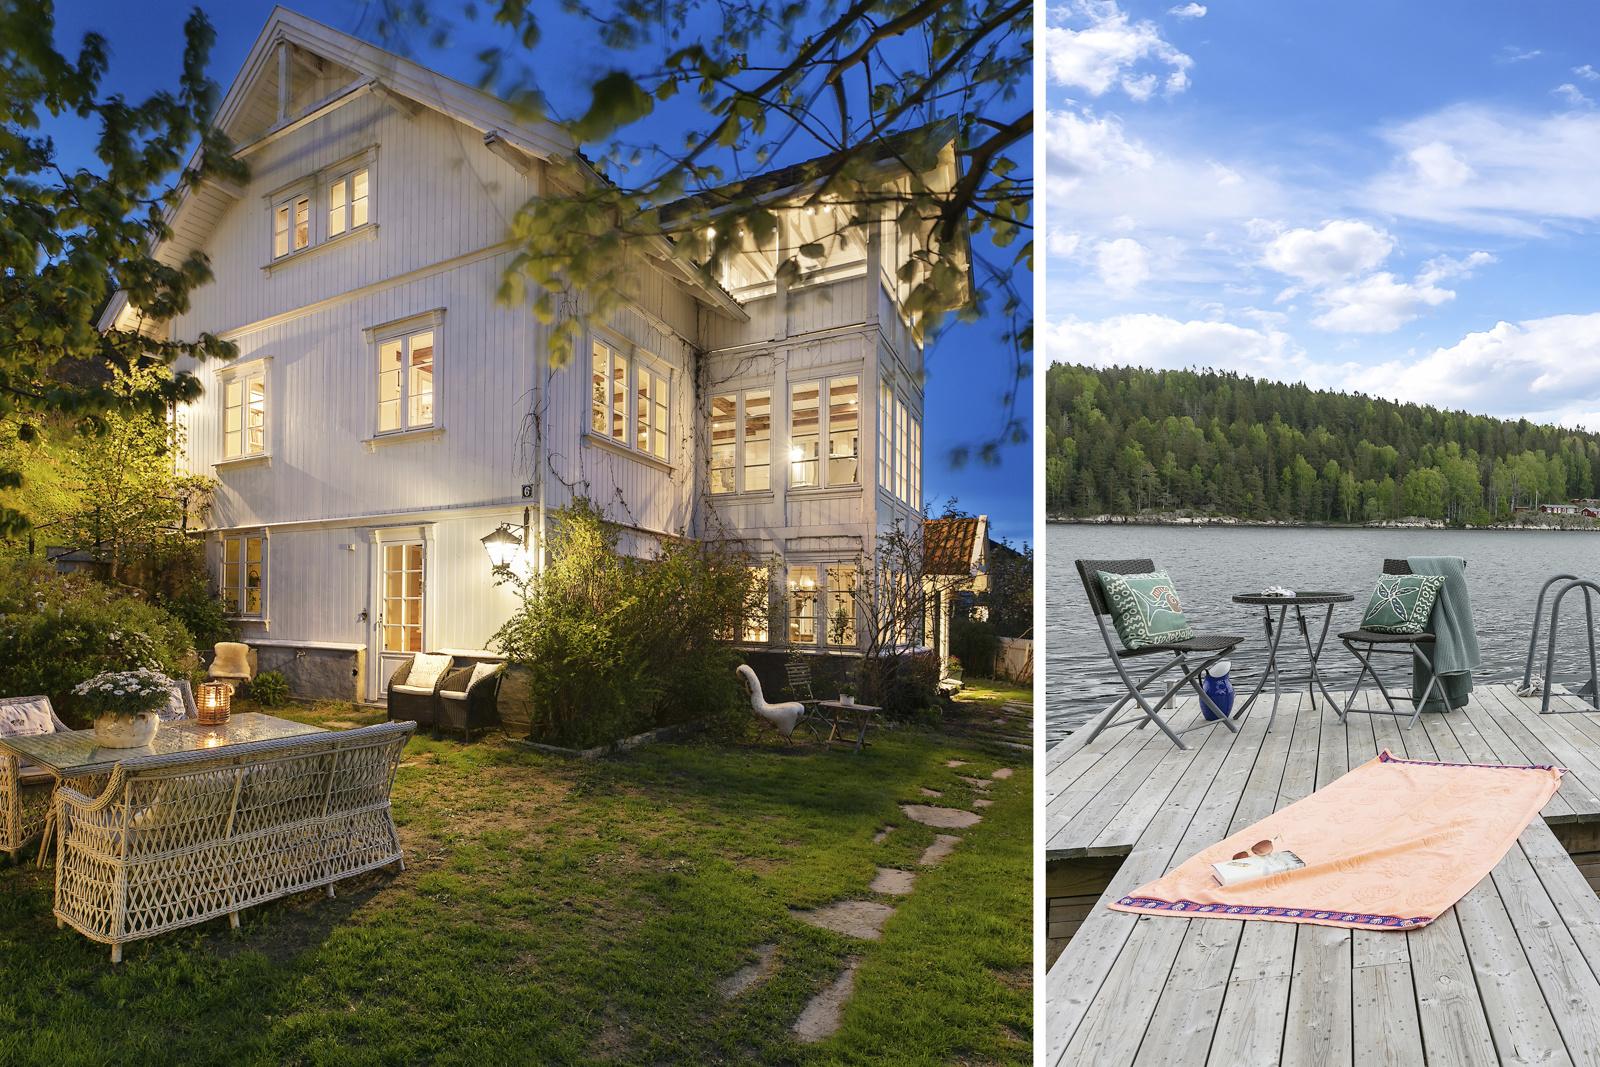 Flott, sjarmerende bolig 22 meter fra sjøen. Egen brygge